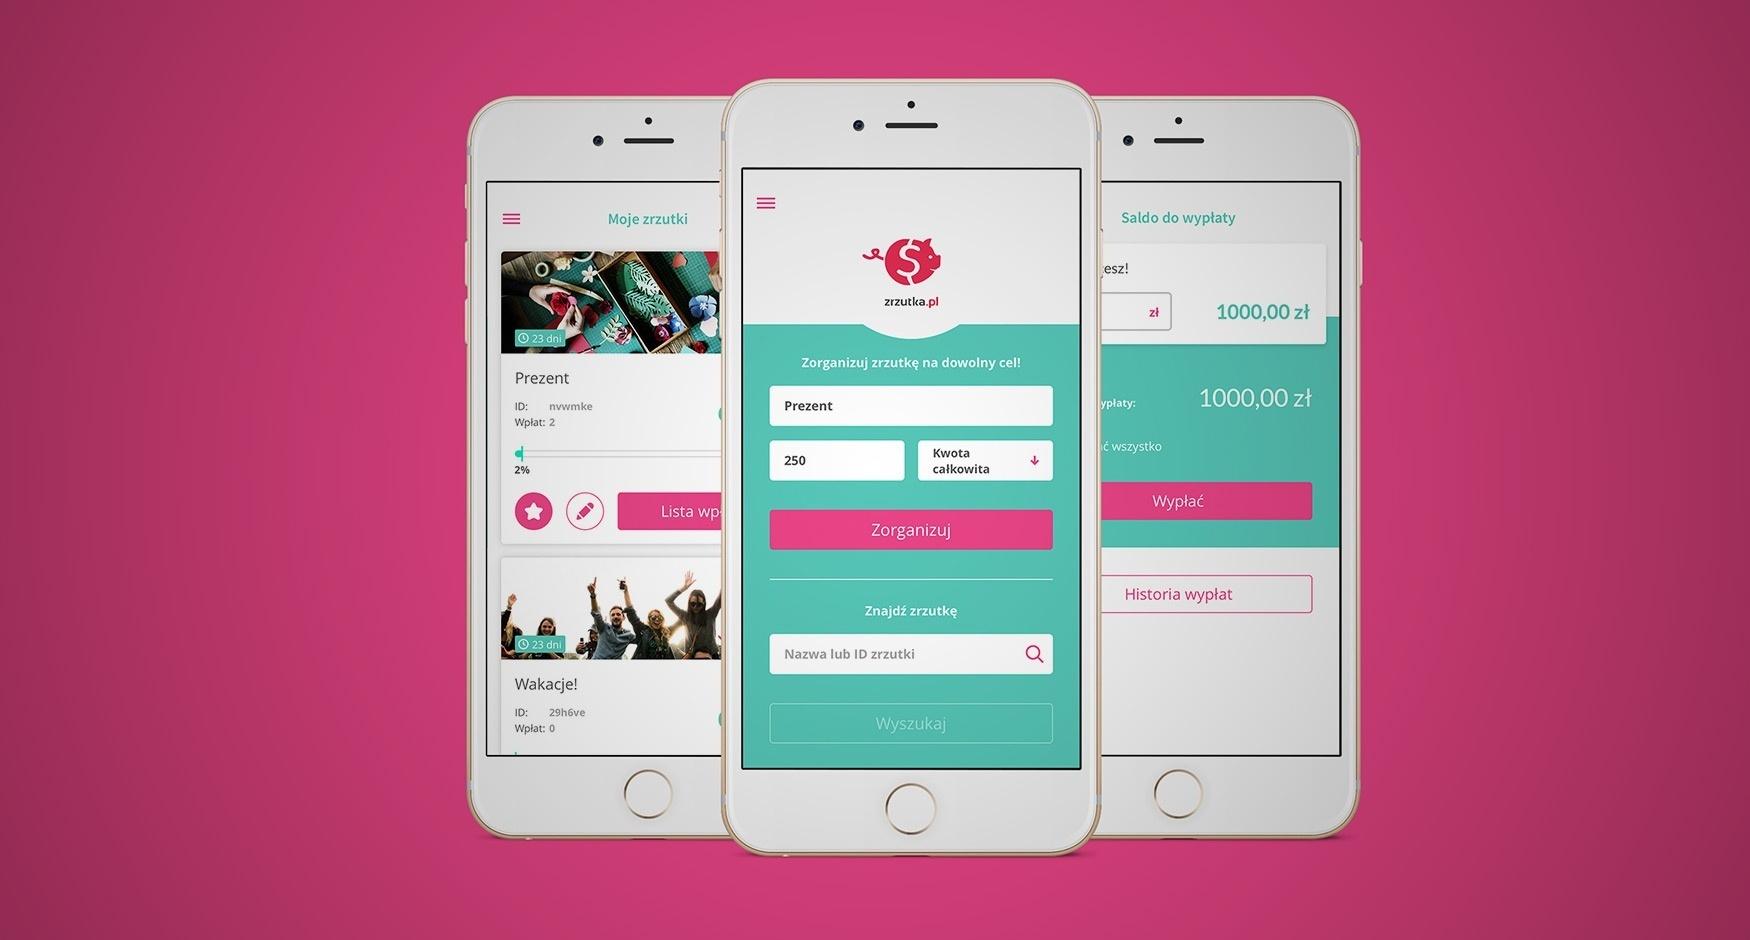 Aplikacja mobilna zrzutka.pl - mamy to!